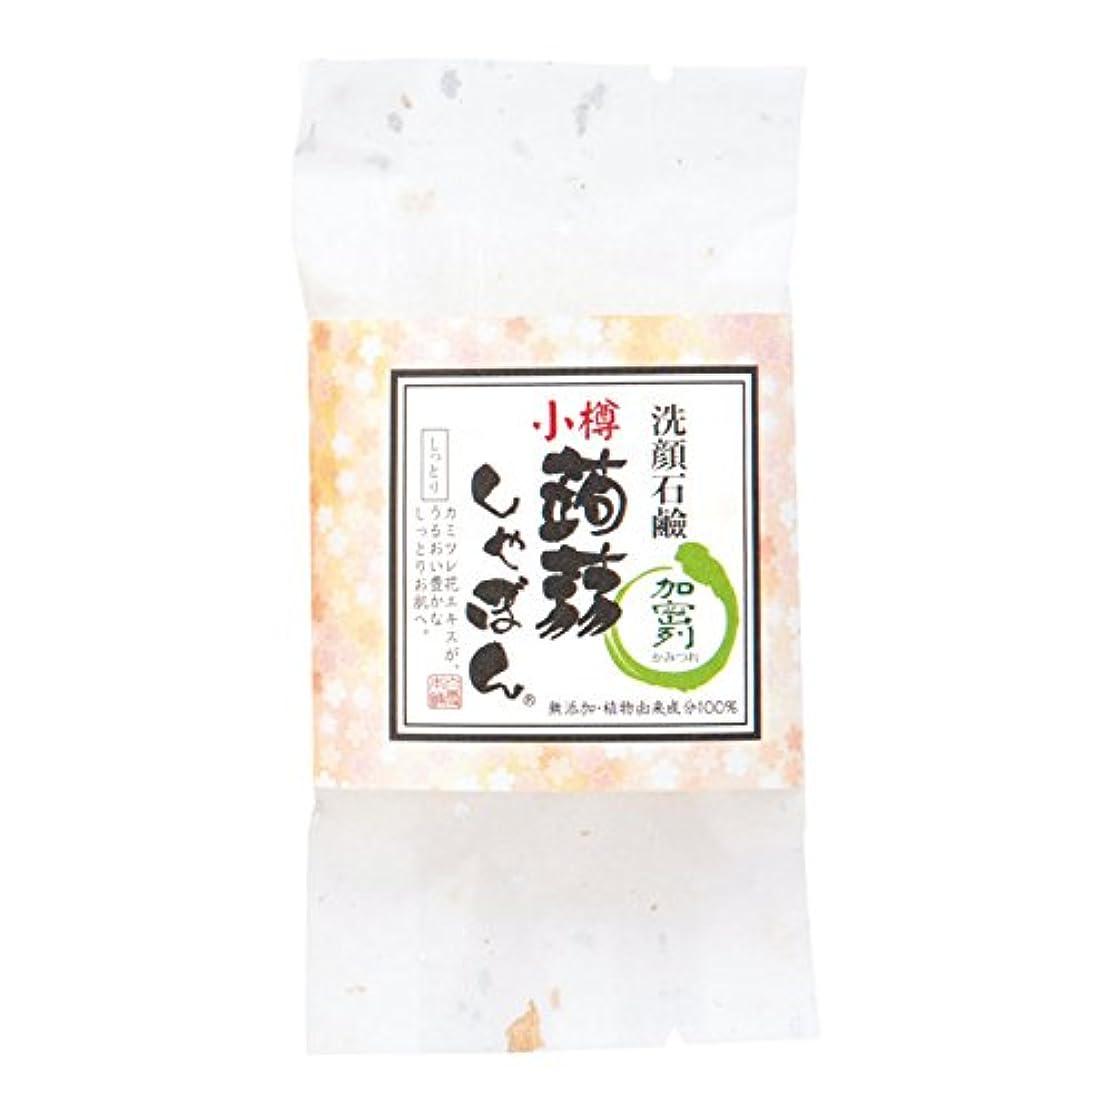 爵ロッカースリチンモイ小樽蒟蒻しゃぼん小樽 加密列(かみつれ)